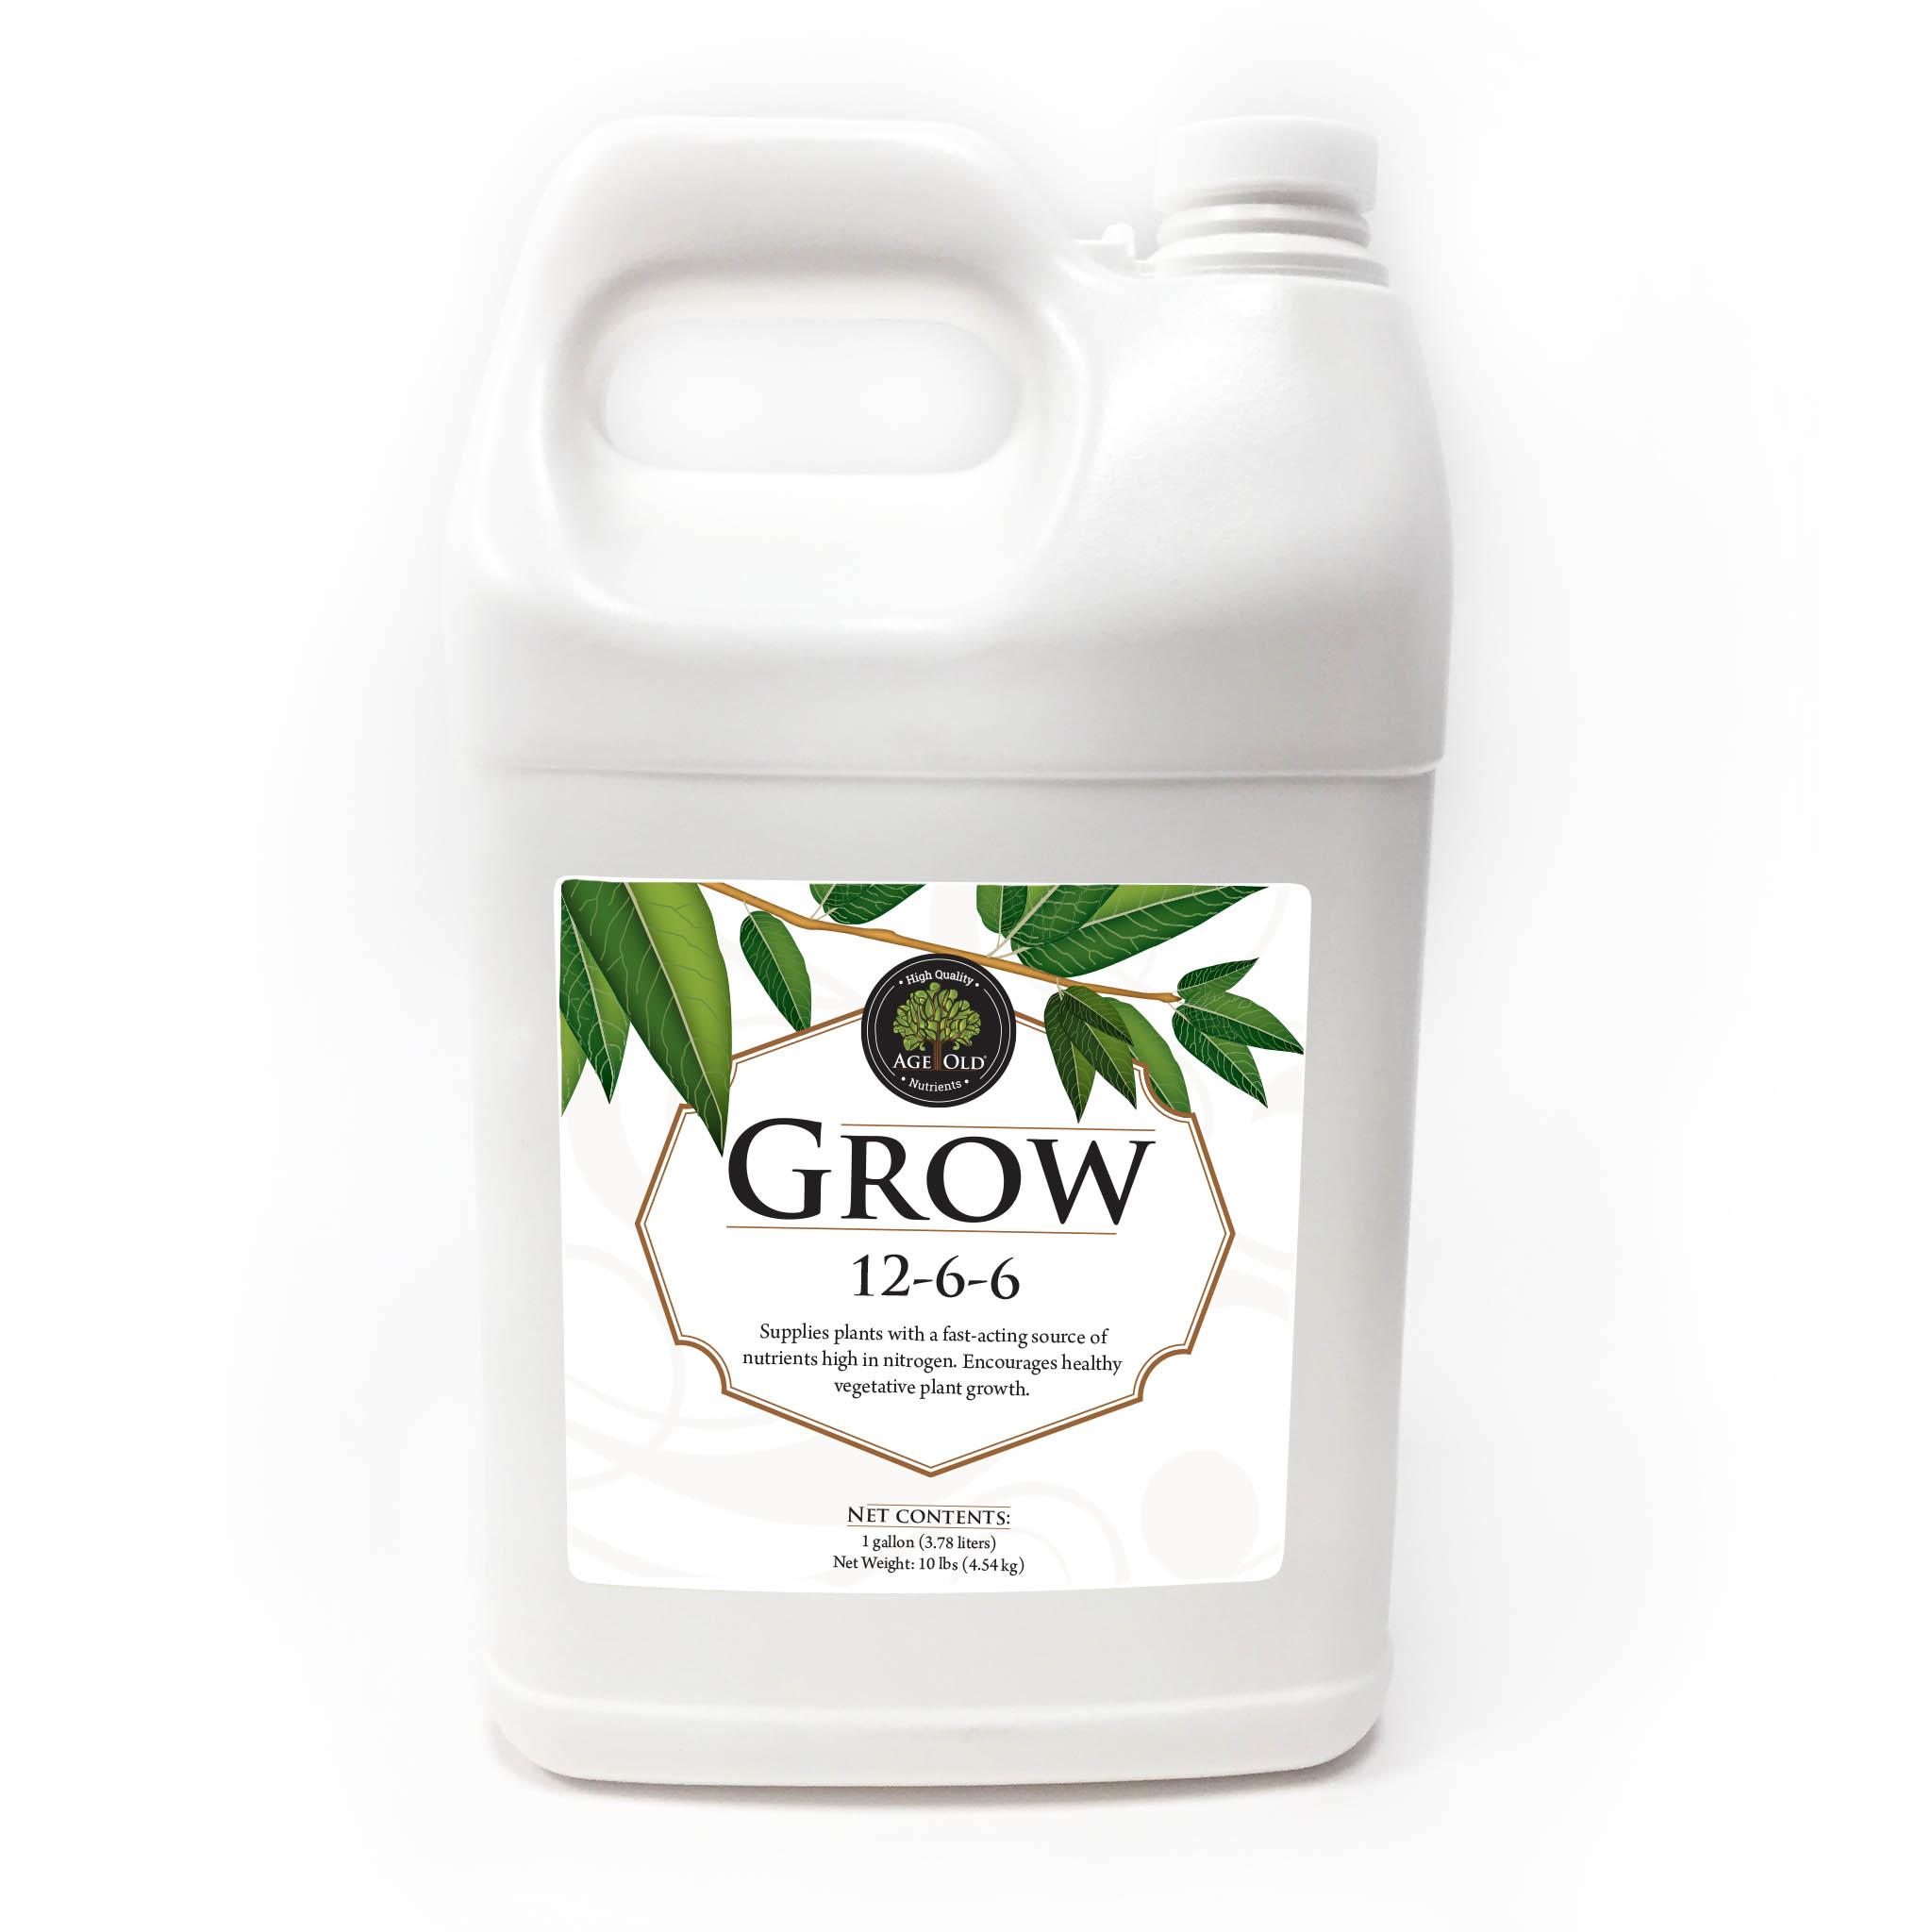 bottle of Grow